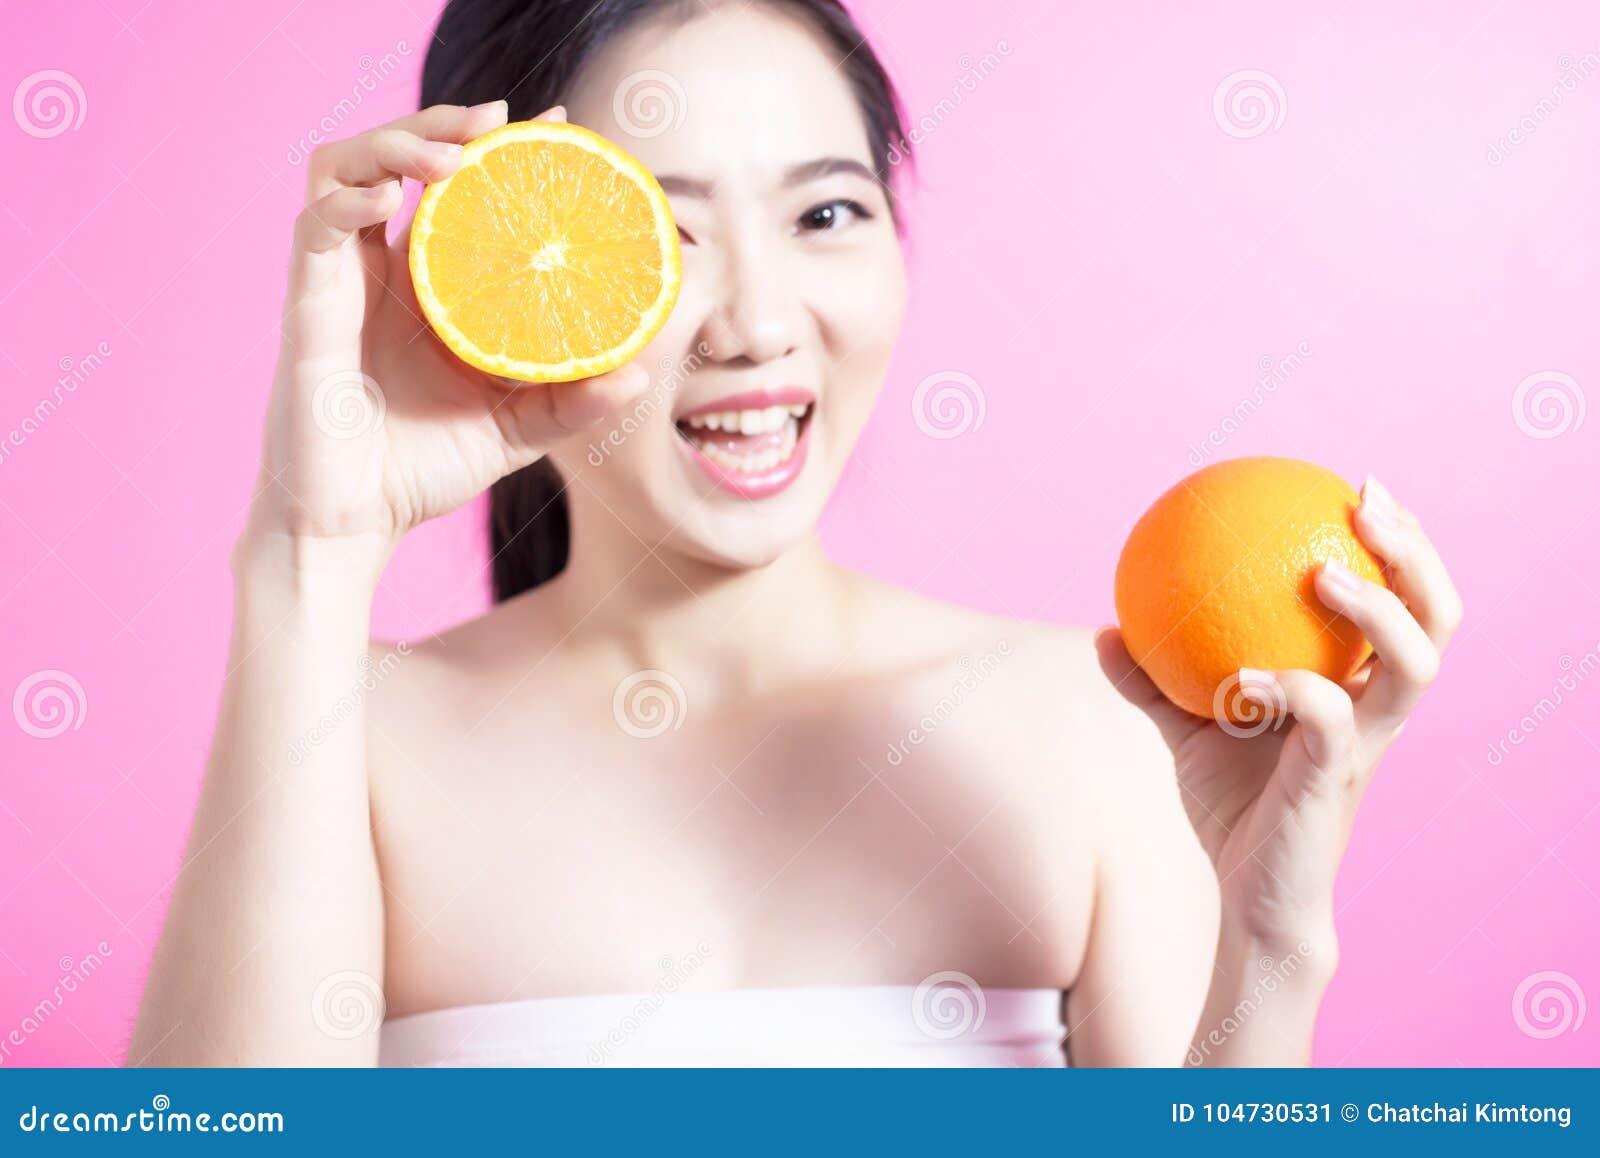 Donna asiatica con il concetto arancio Lei che sorride e che tiene arancia Fronte di bellezza e trucco naturale Isolato sopra fon